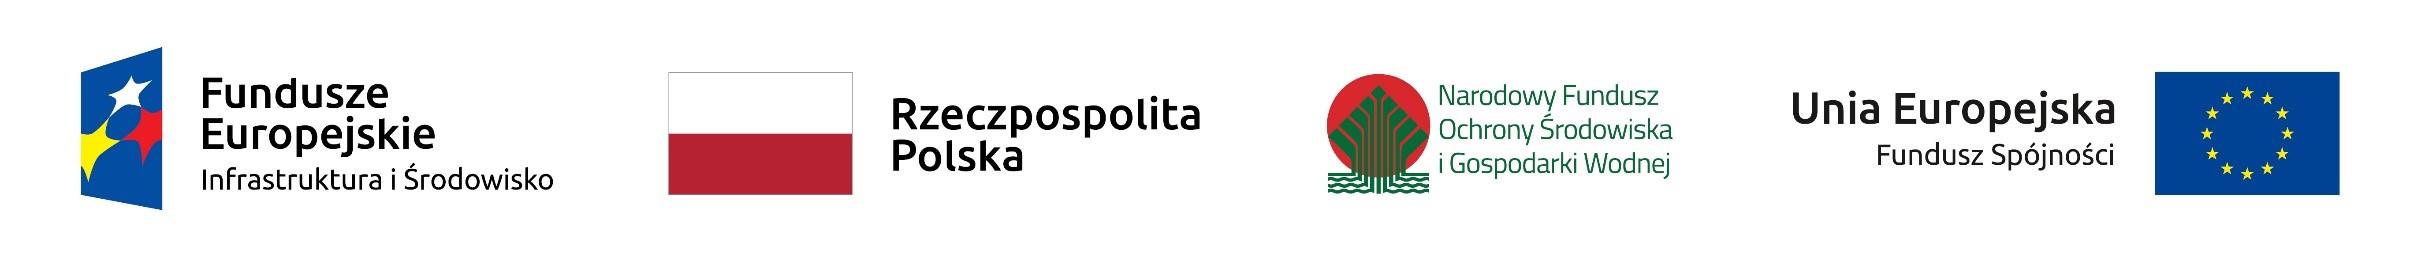 Logotypy: Fundusze Europejskie - Infrastruktura i Środowisko, Rzeczpospolita Polska, Narodowy Fundusz Ochrony Środowiska i Gospodarki Wodnej, Unia Europejska - Fundusz Spójności